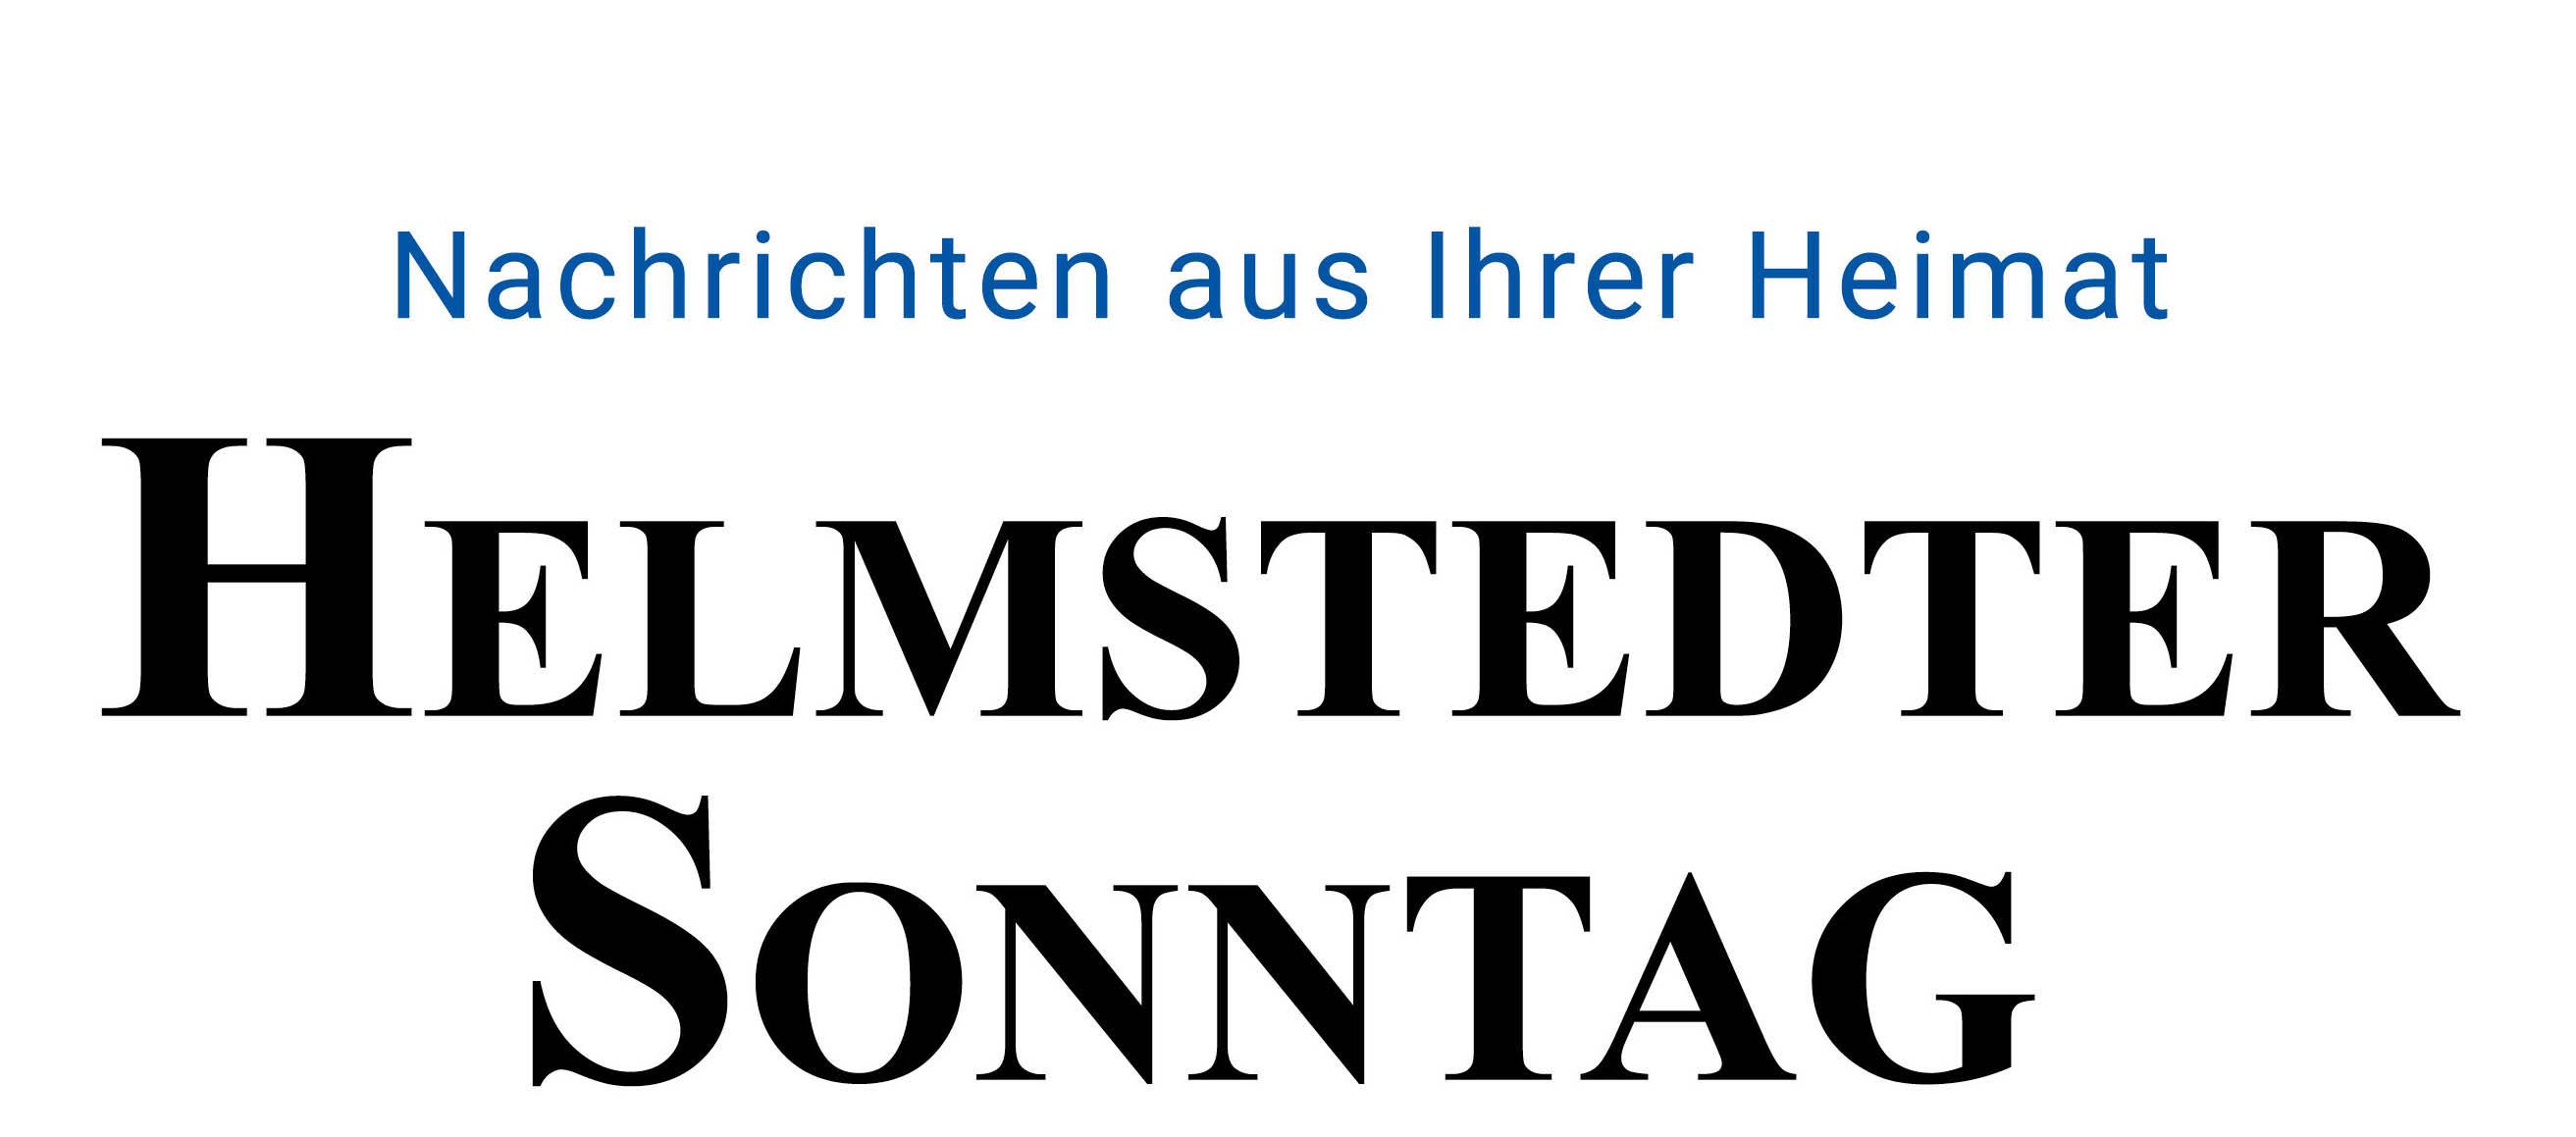 Helmstedter Sonntag Logo